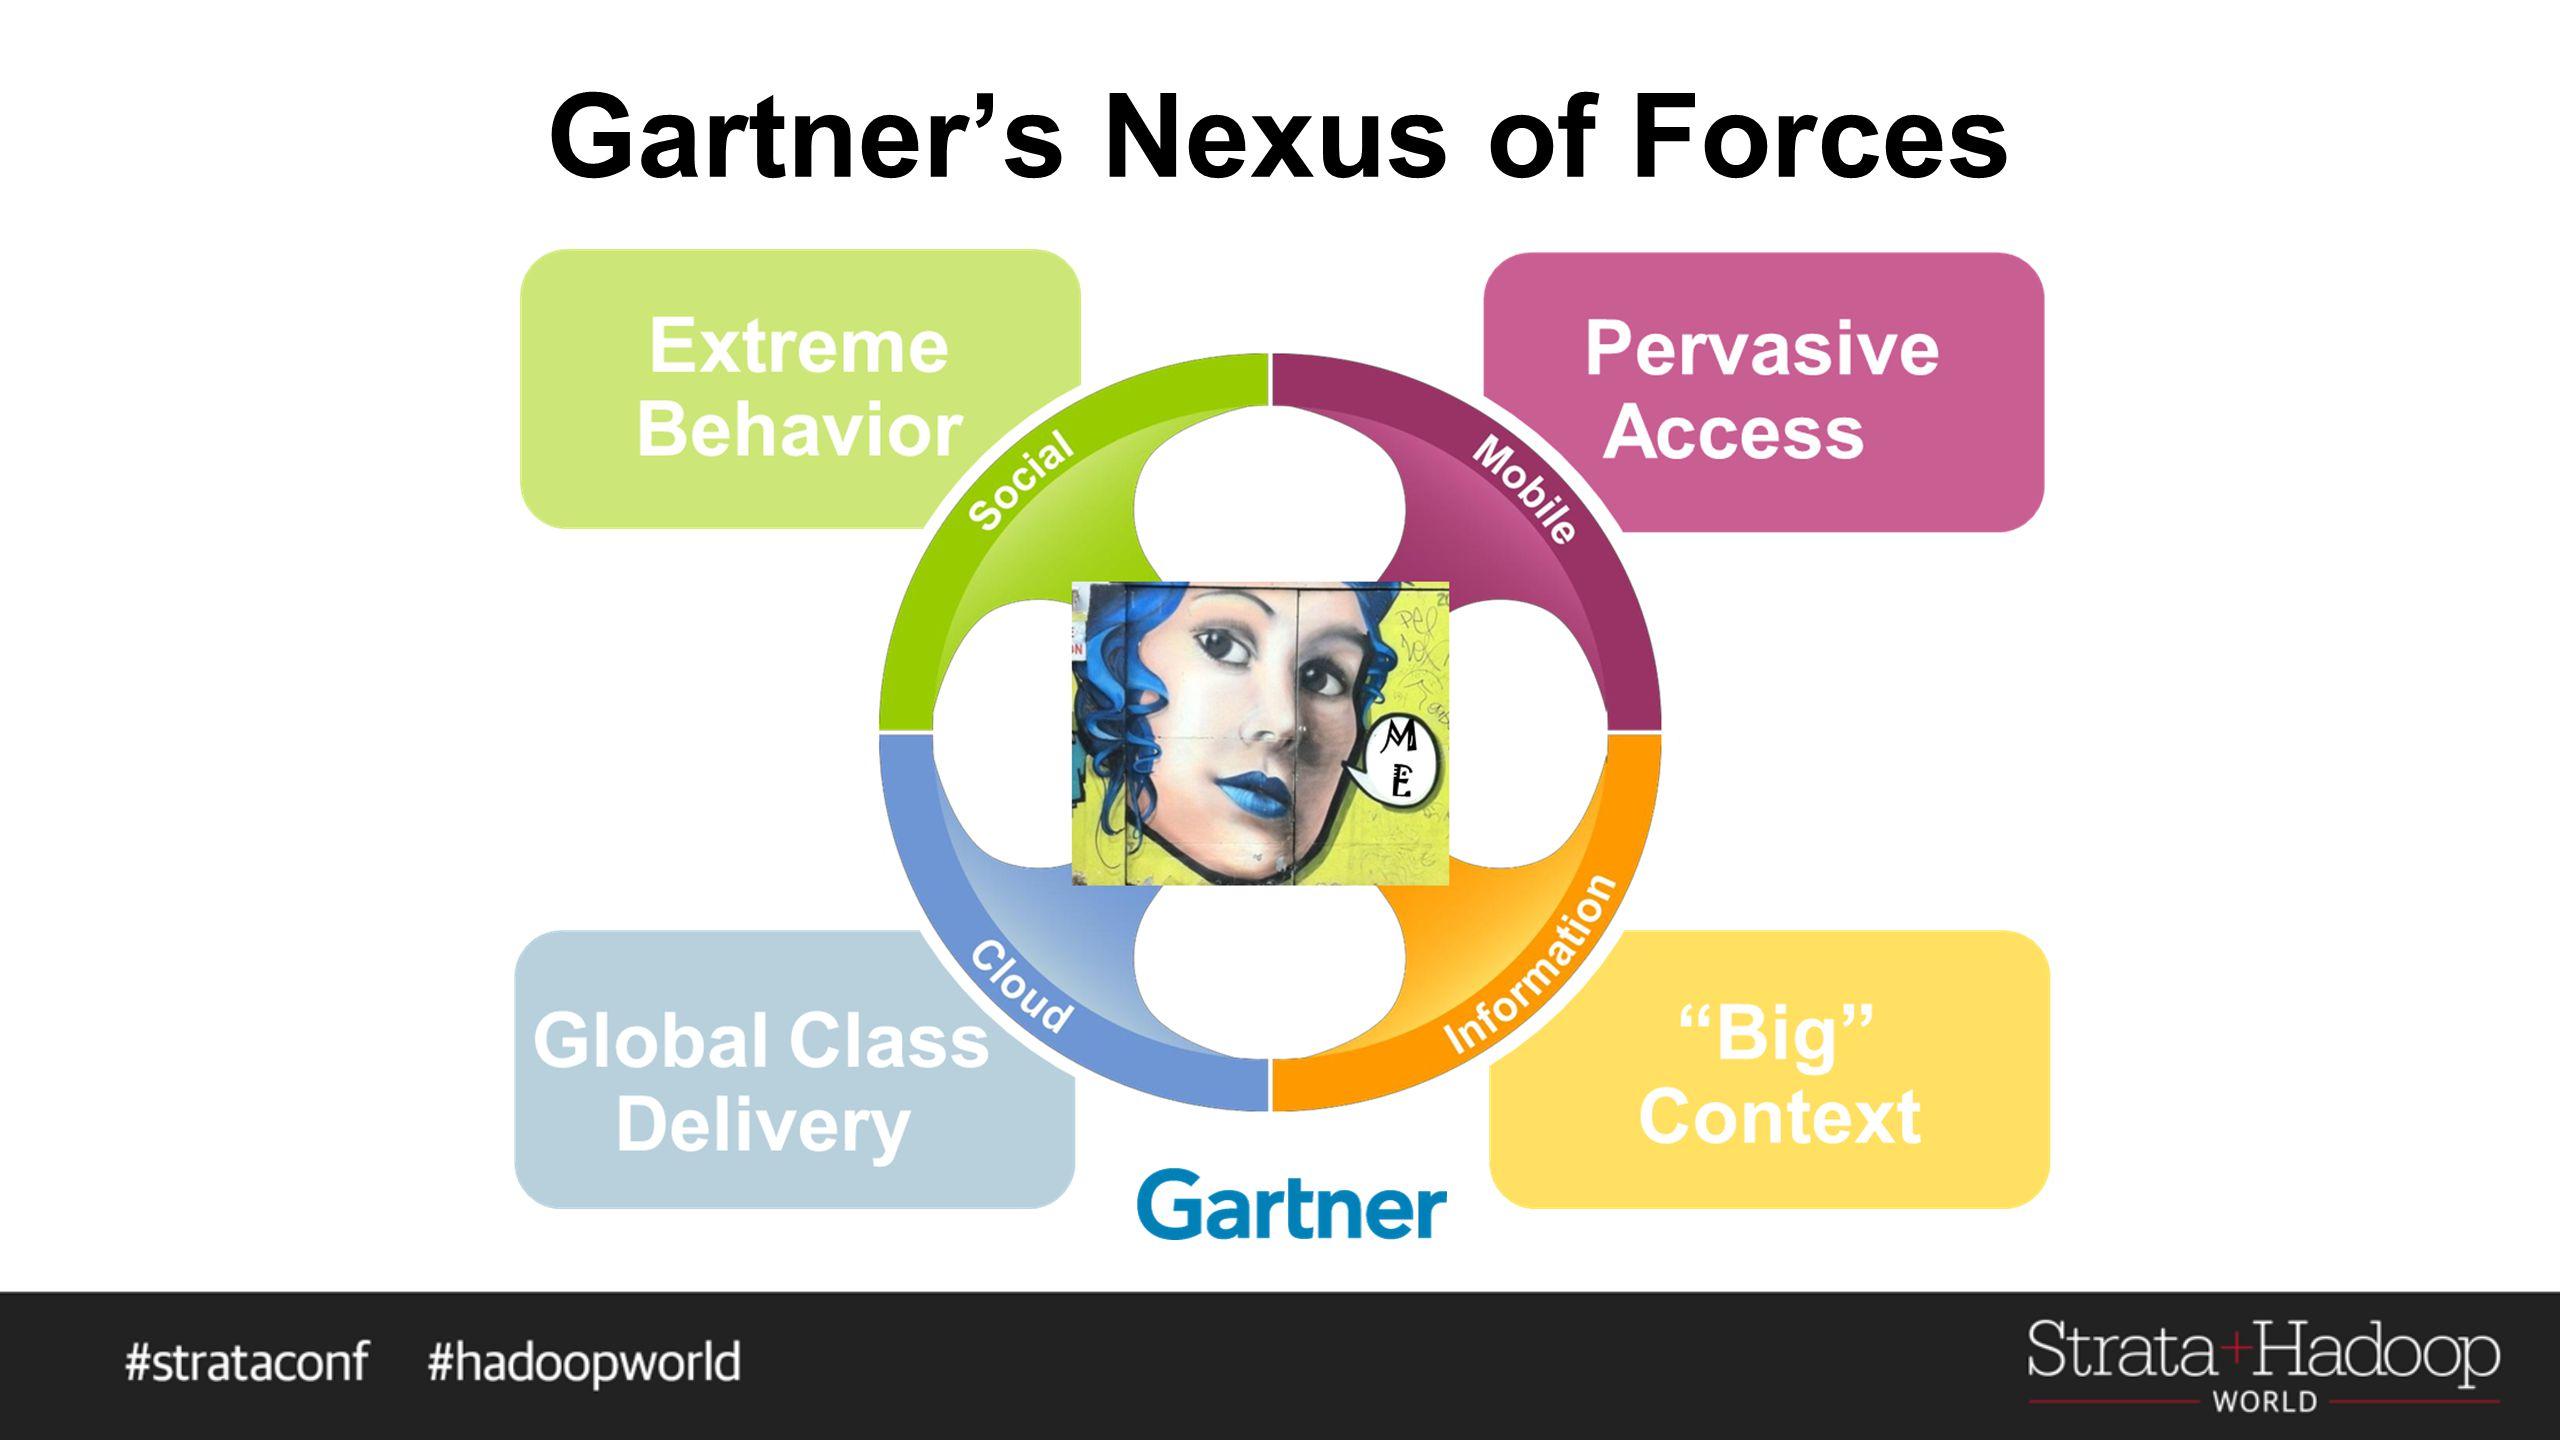 Gartner's Nexus of Forces